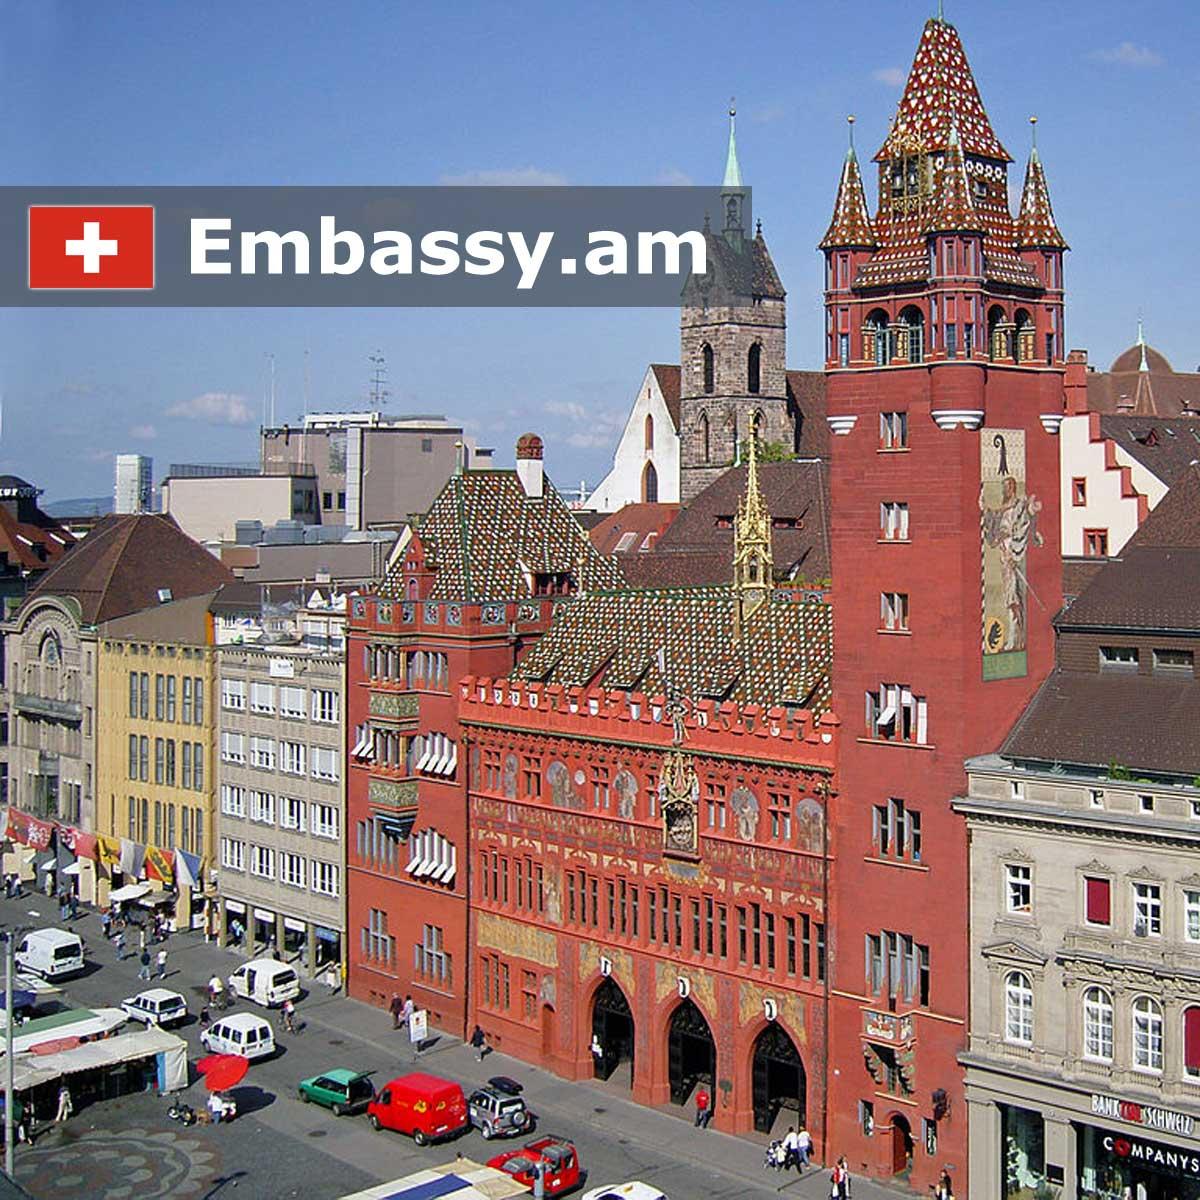 Базель - Отели в Швейцарии - Embassy.am